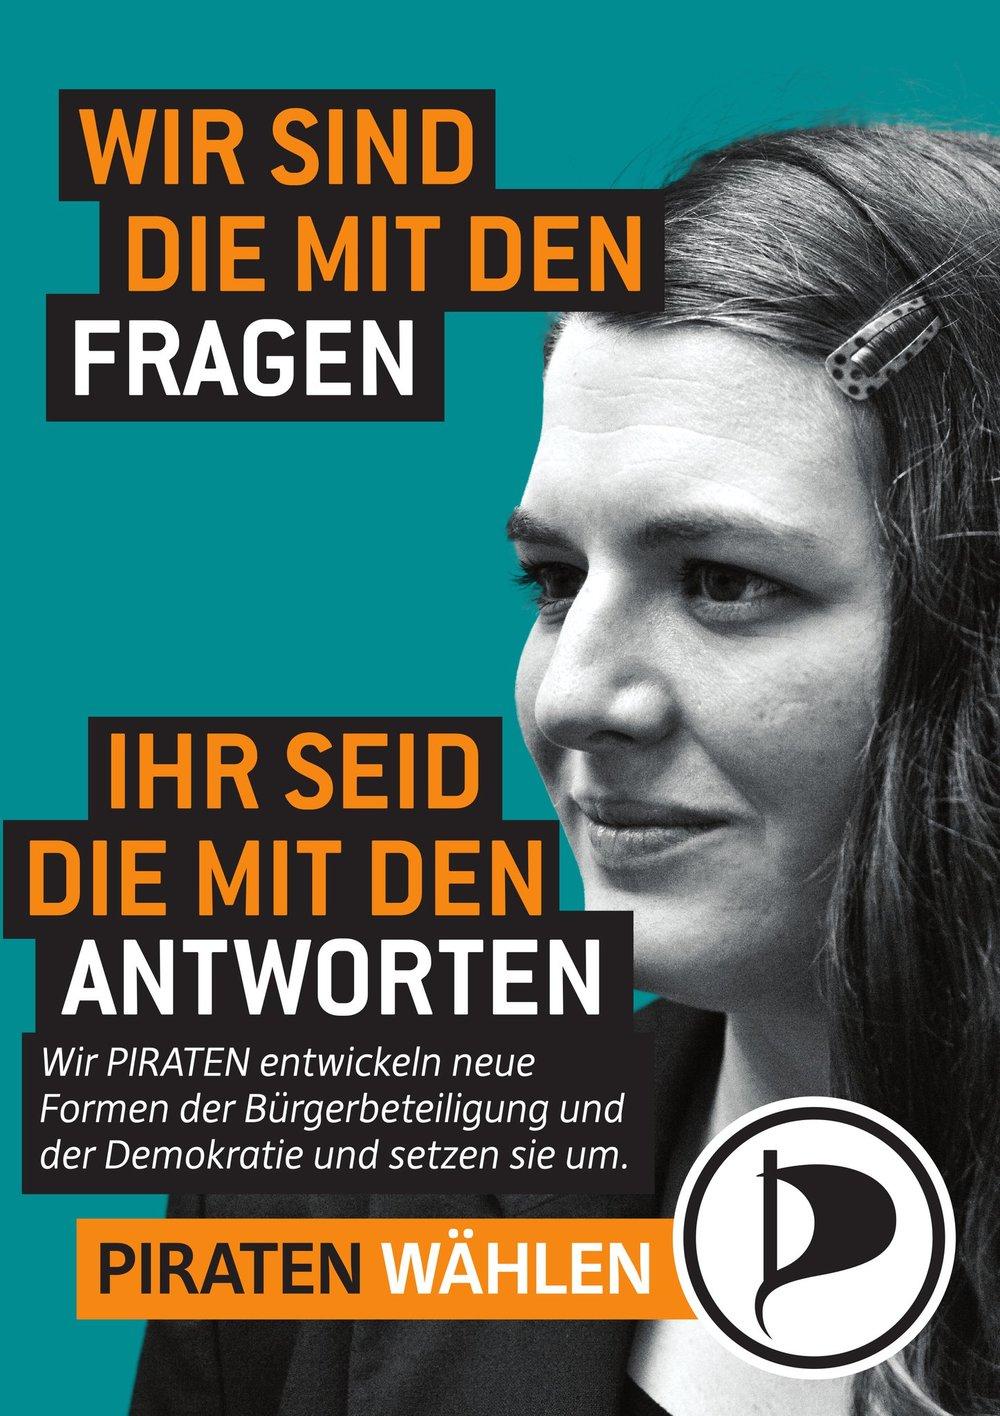 berlinplakat.08.jpg